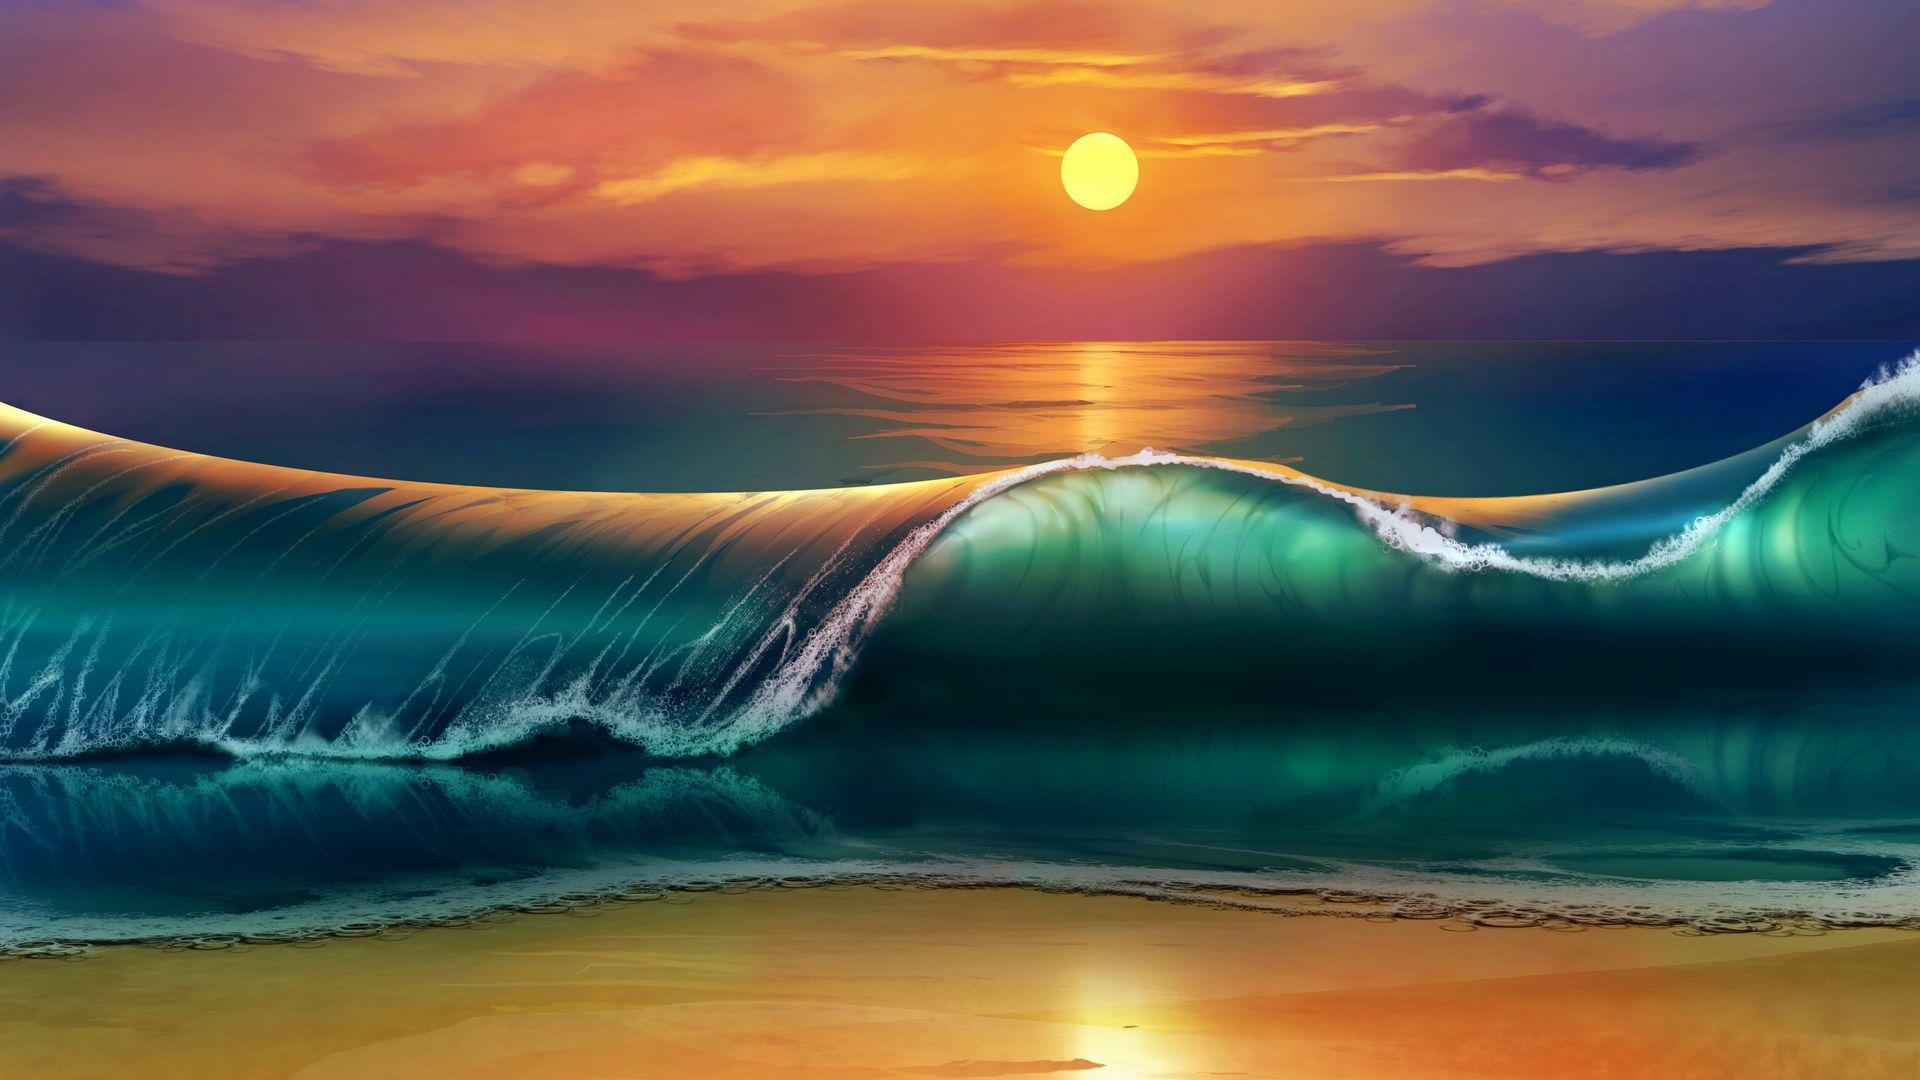 1920x1080 Wallpaper art, sunset, beach, sea, waves